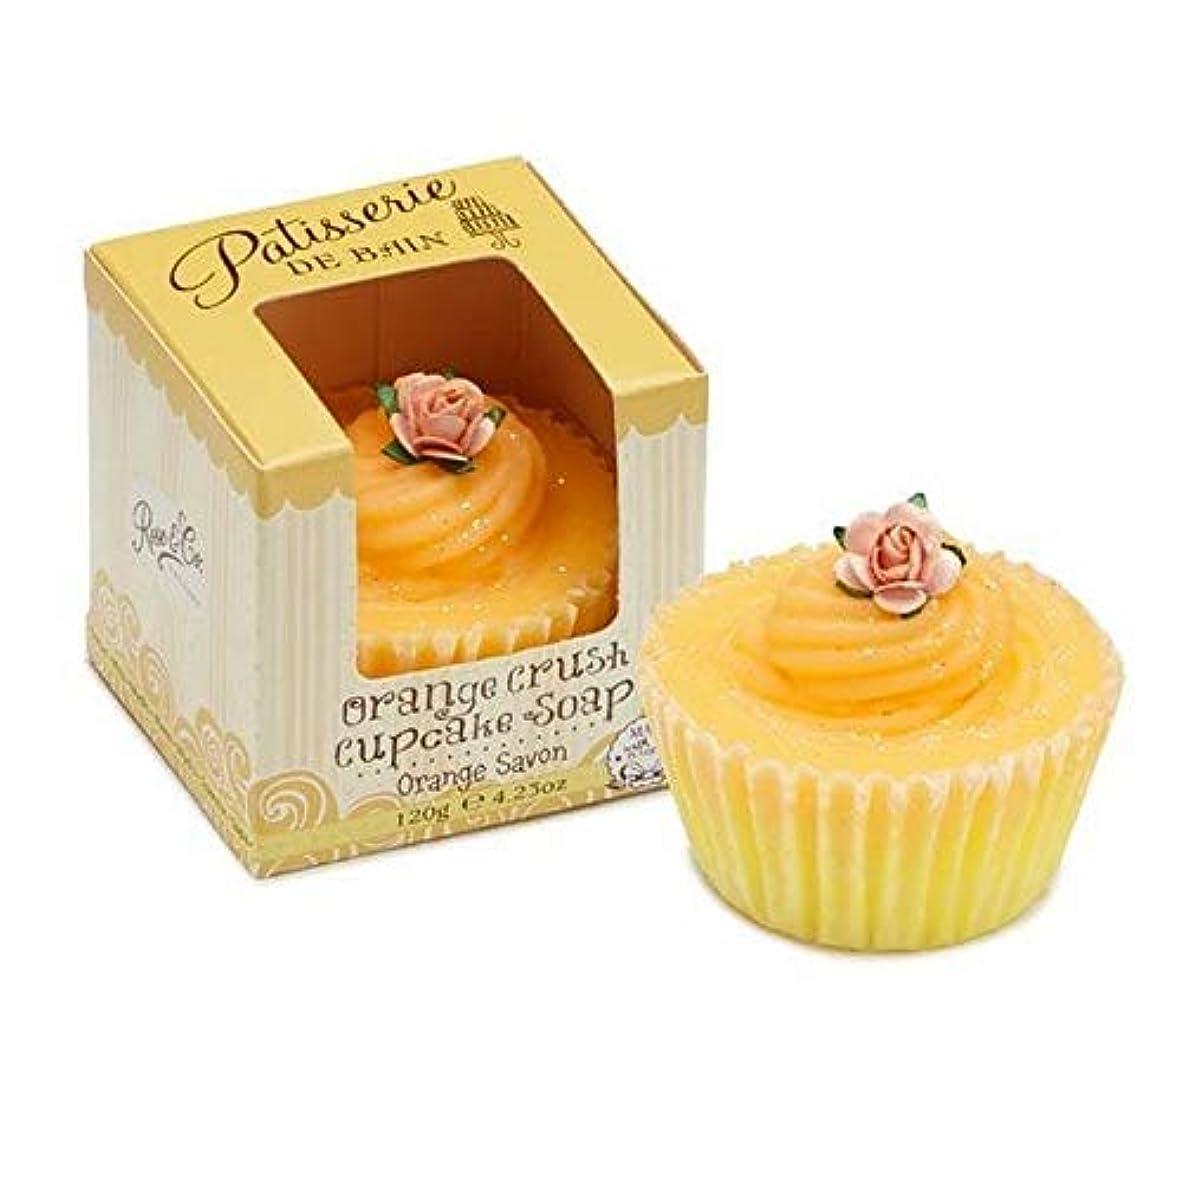 文献含意試す[Patisserie de Bain ] パティスリー?ド?ベインオレンジクラッシュカップケーキソープ120グラム - Patisserie de Bain Orange Crush Cupcake soap 120g...